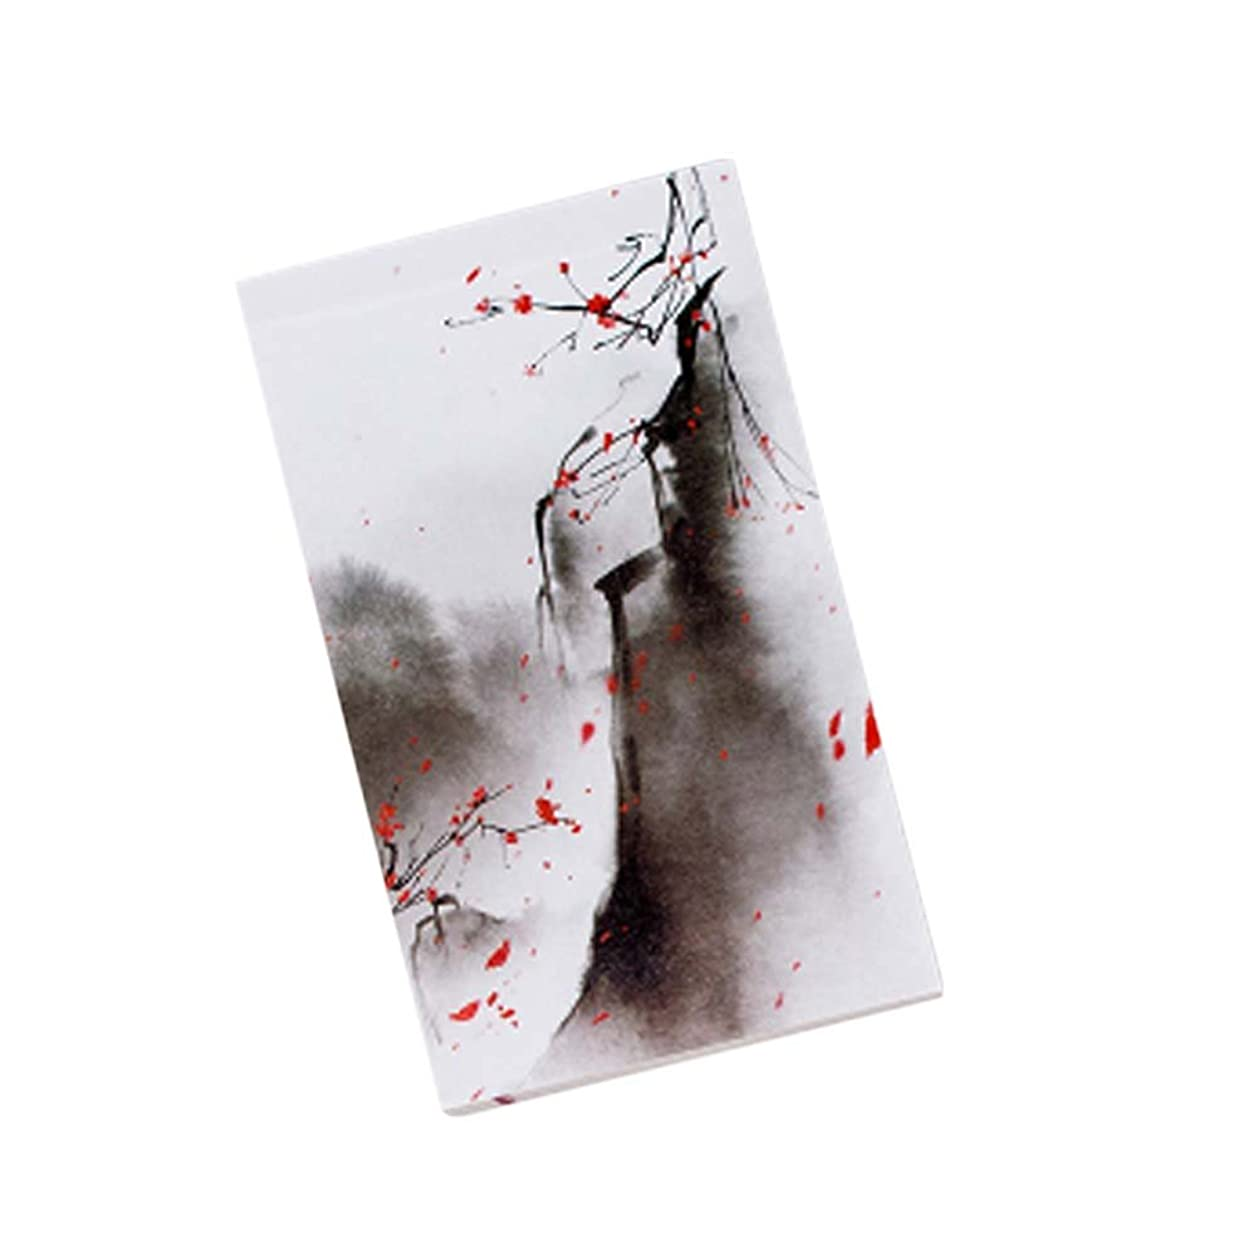 レトロクリエイティブミニノートパソコンのポータブル中国のスタイルのメモ帳の手帳_A10